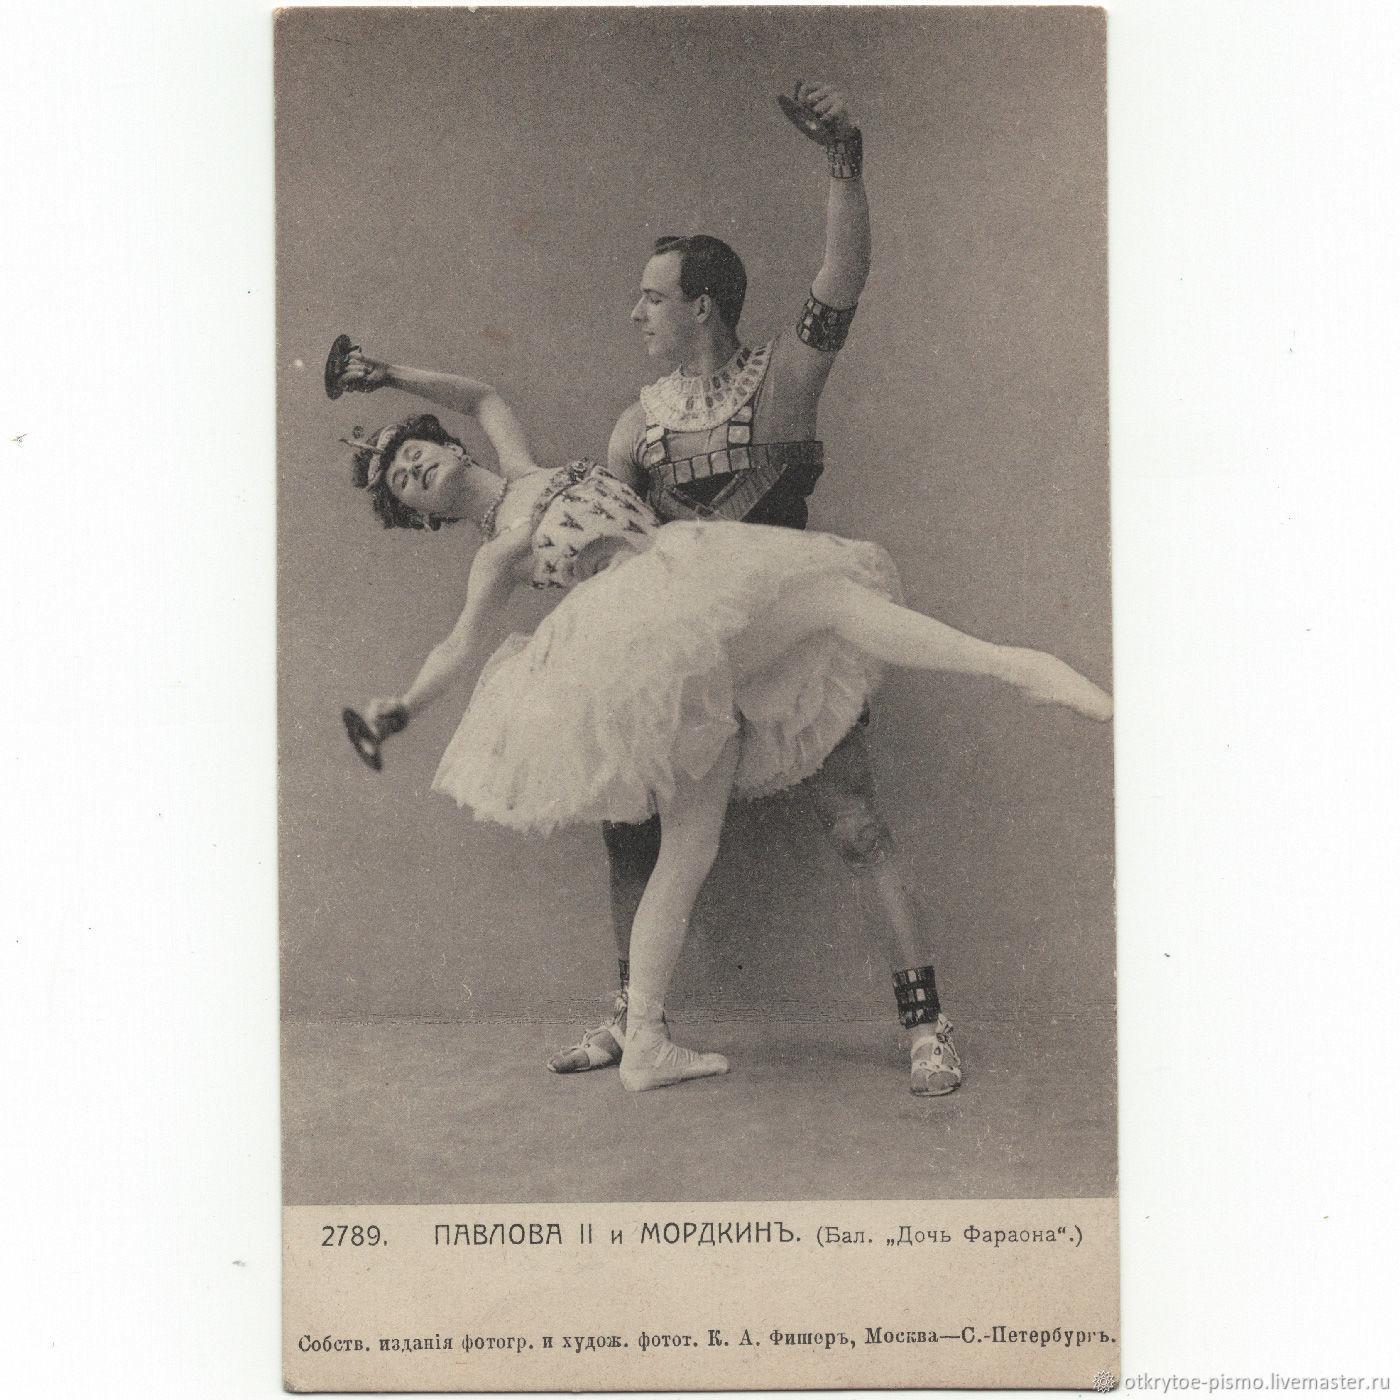 Винтаж: До 1917 года. Балет Павлова Мордкин. Старинная открытка, Открытки винтажные, Щелково,  Фото №1